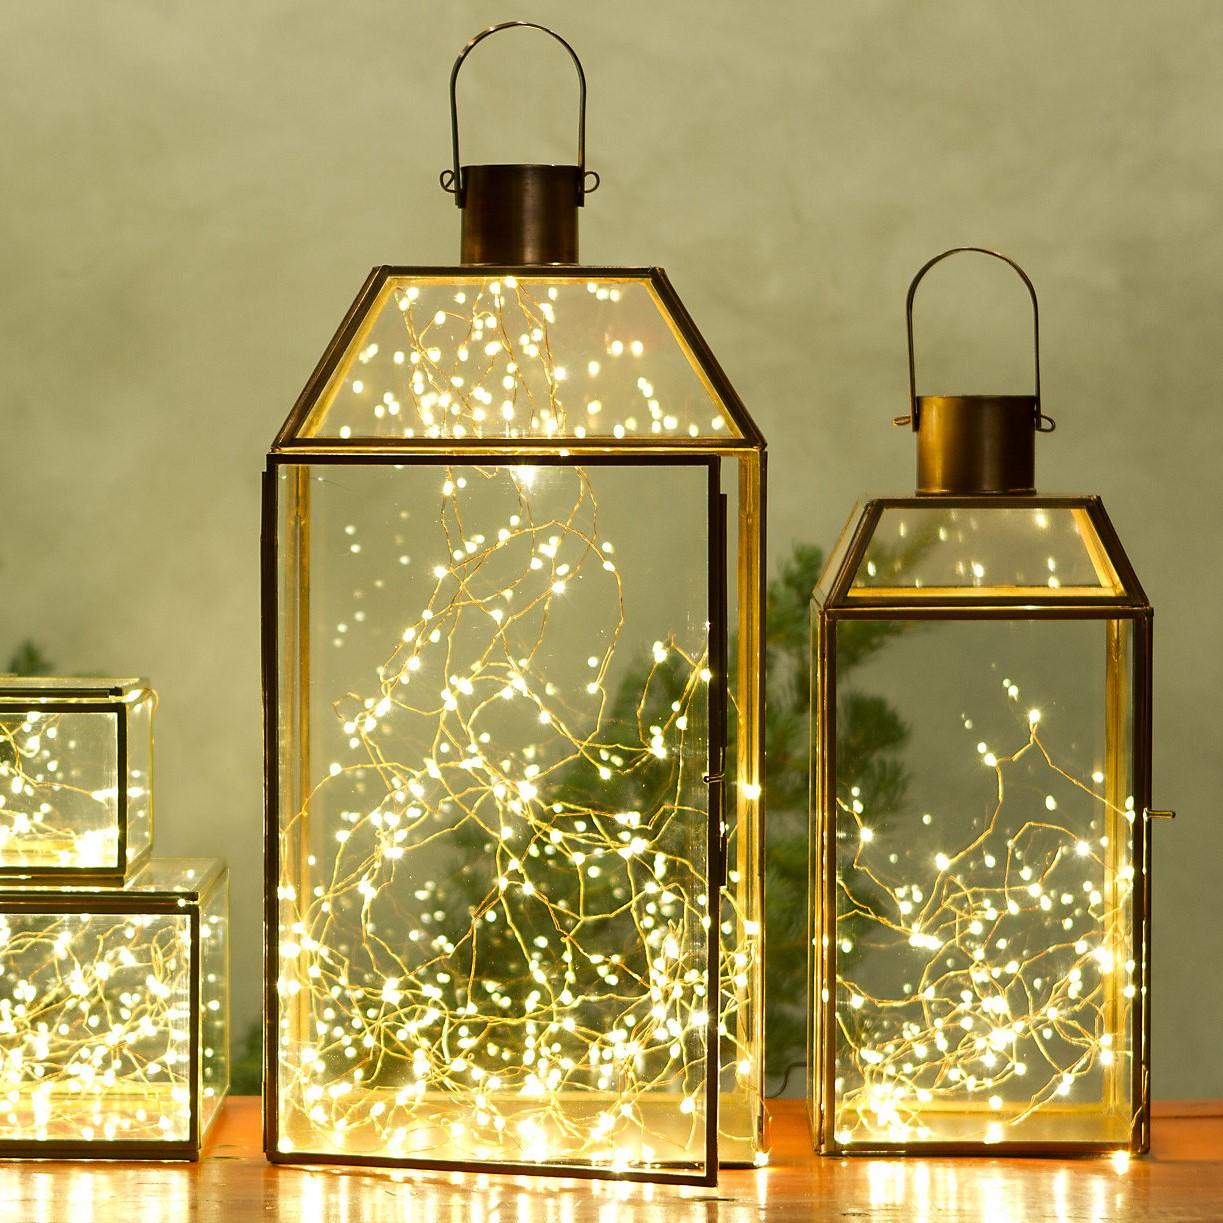 Cette décoration facile est idéale pour les nuits d'été dans votre jardin ou votre balcon.